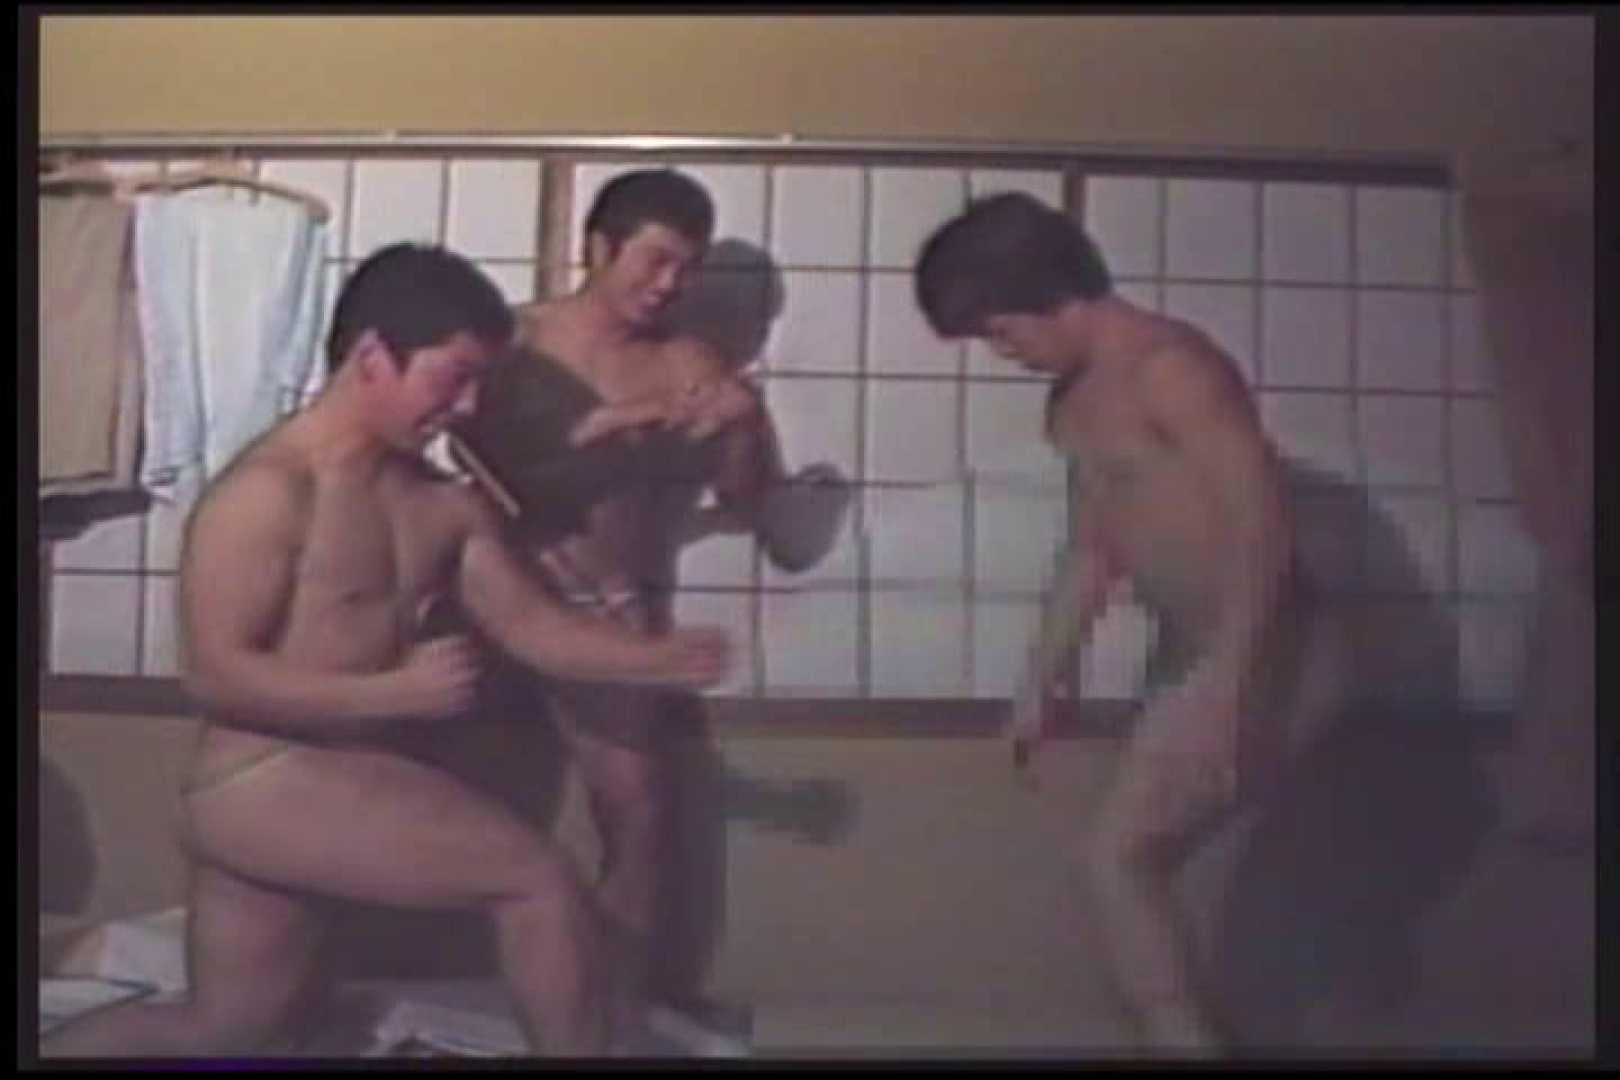 若人は元気!新歓合宿にておふざけ特集VOL.03 スジ筋系ボーイズ | ボーイズ私服  84pic 28